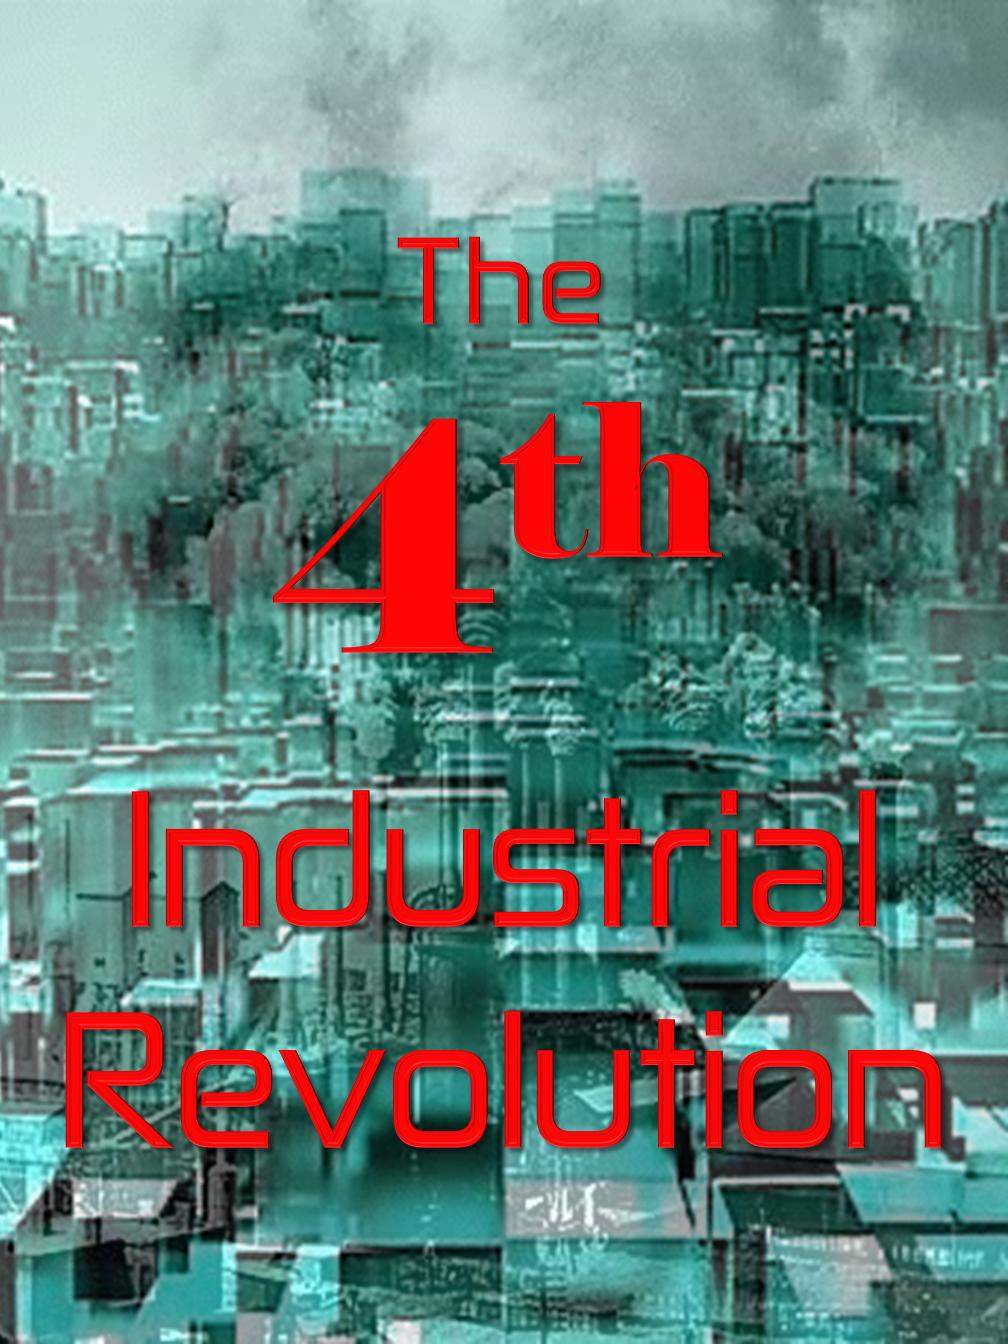 4th Revolution